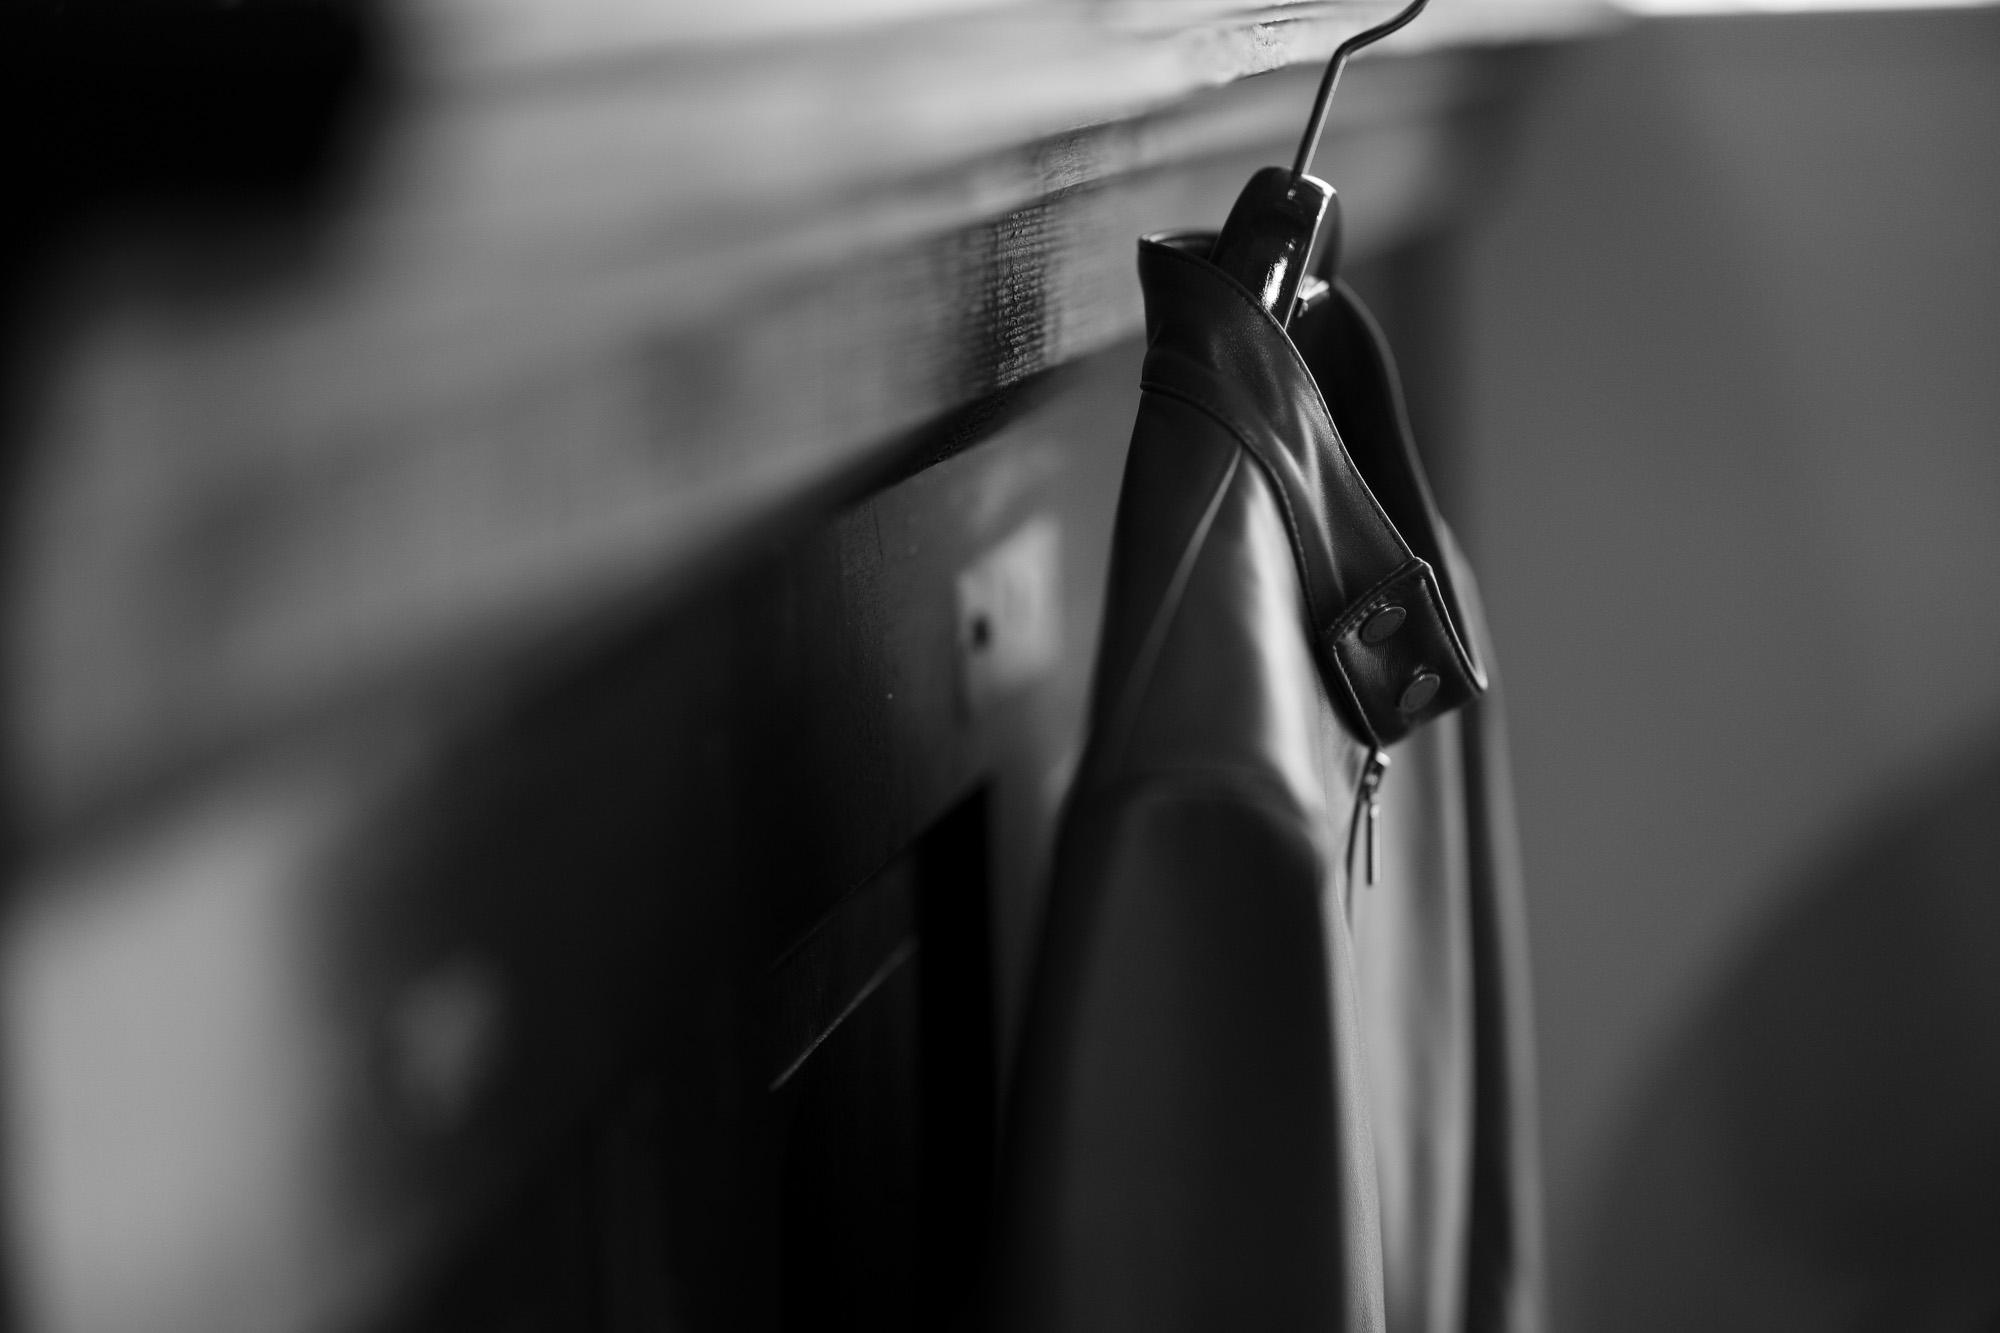 Georges de Patricia (ジョルジュ ド パトリシア) Carrera (カレラ) 925 STERLING SILVER (925 スターリングシルバー) Super Soft Lambskin Leather (スーパー ソフト ラムスキン レザー) シングルライダースジャケット ORANGE (オレンジ) 2020 愛知 名古屋 altoediritto アルトエデリット ジョルジュドパトリシア